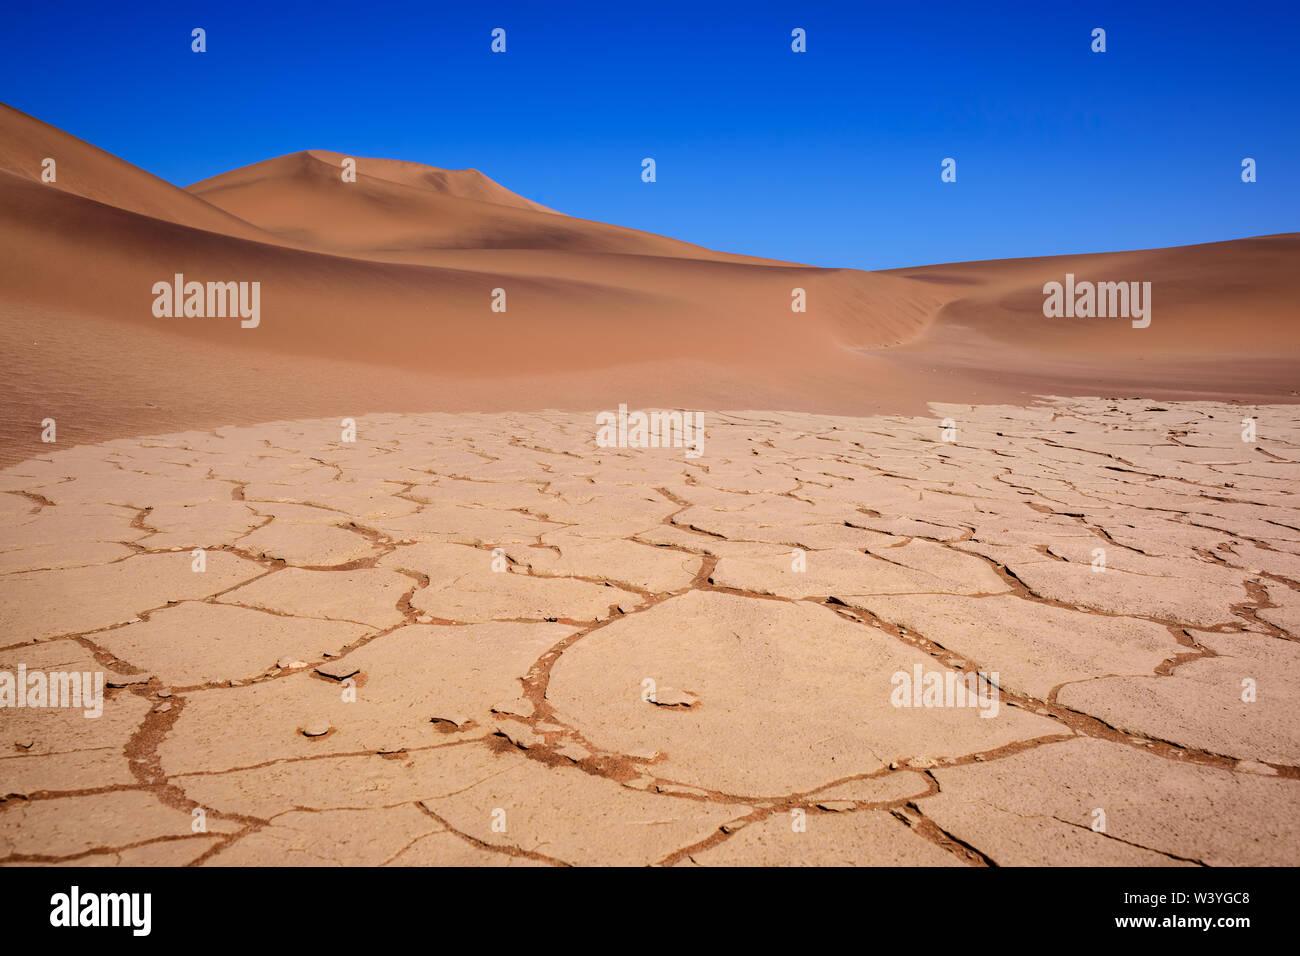 Walvis Bay - partie nord du désert du Namib dunes de sable avec une étonnante, la Namibie, l'Afrique. Banque D'Images